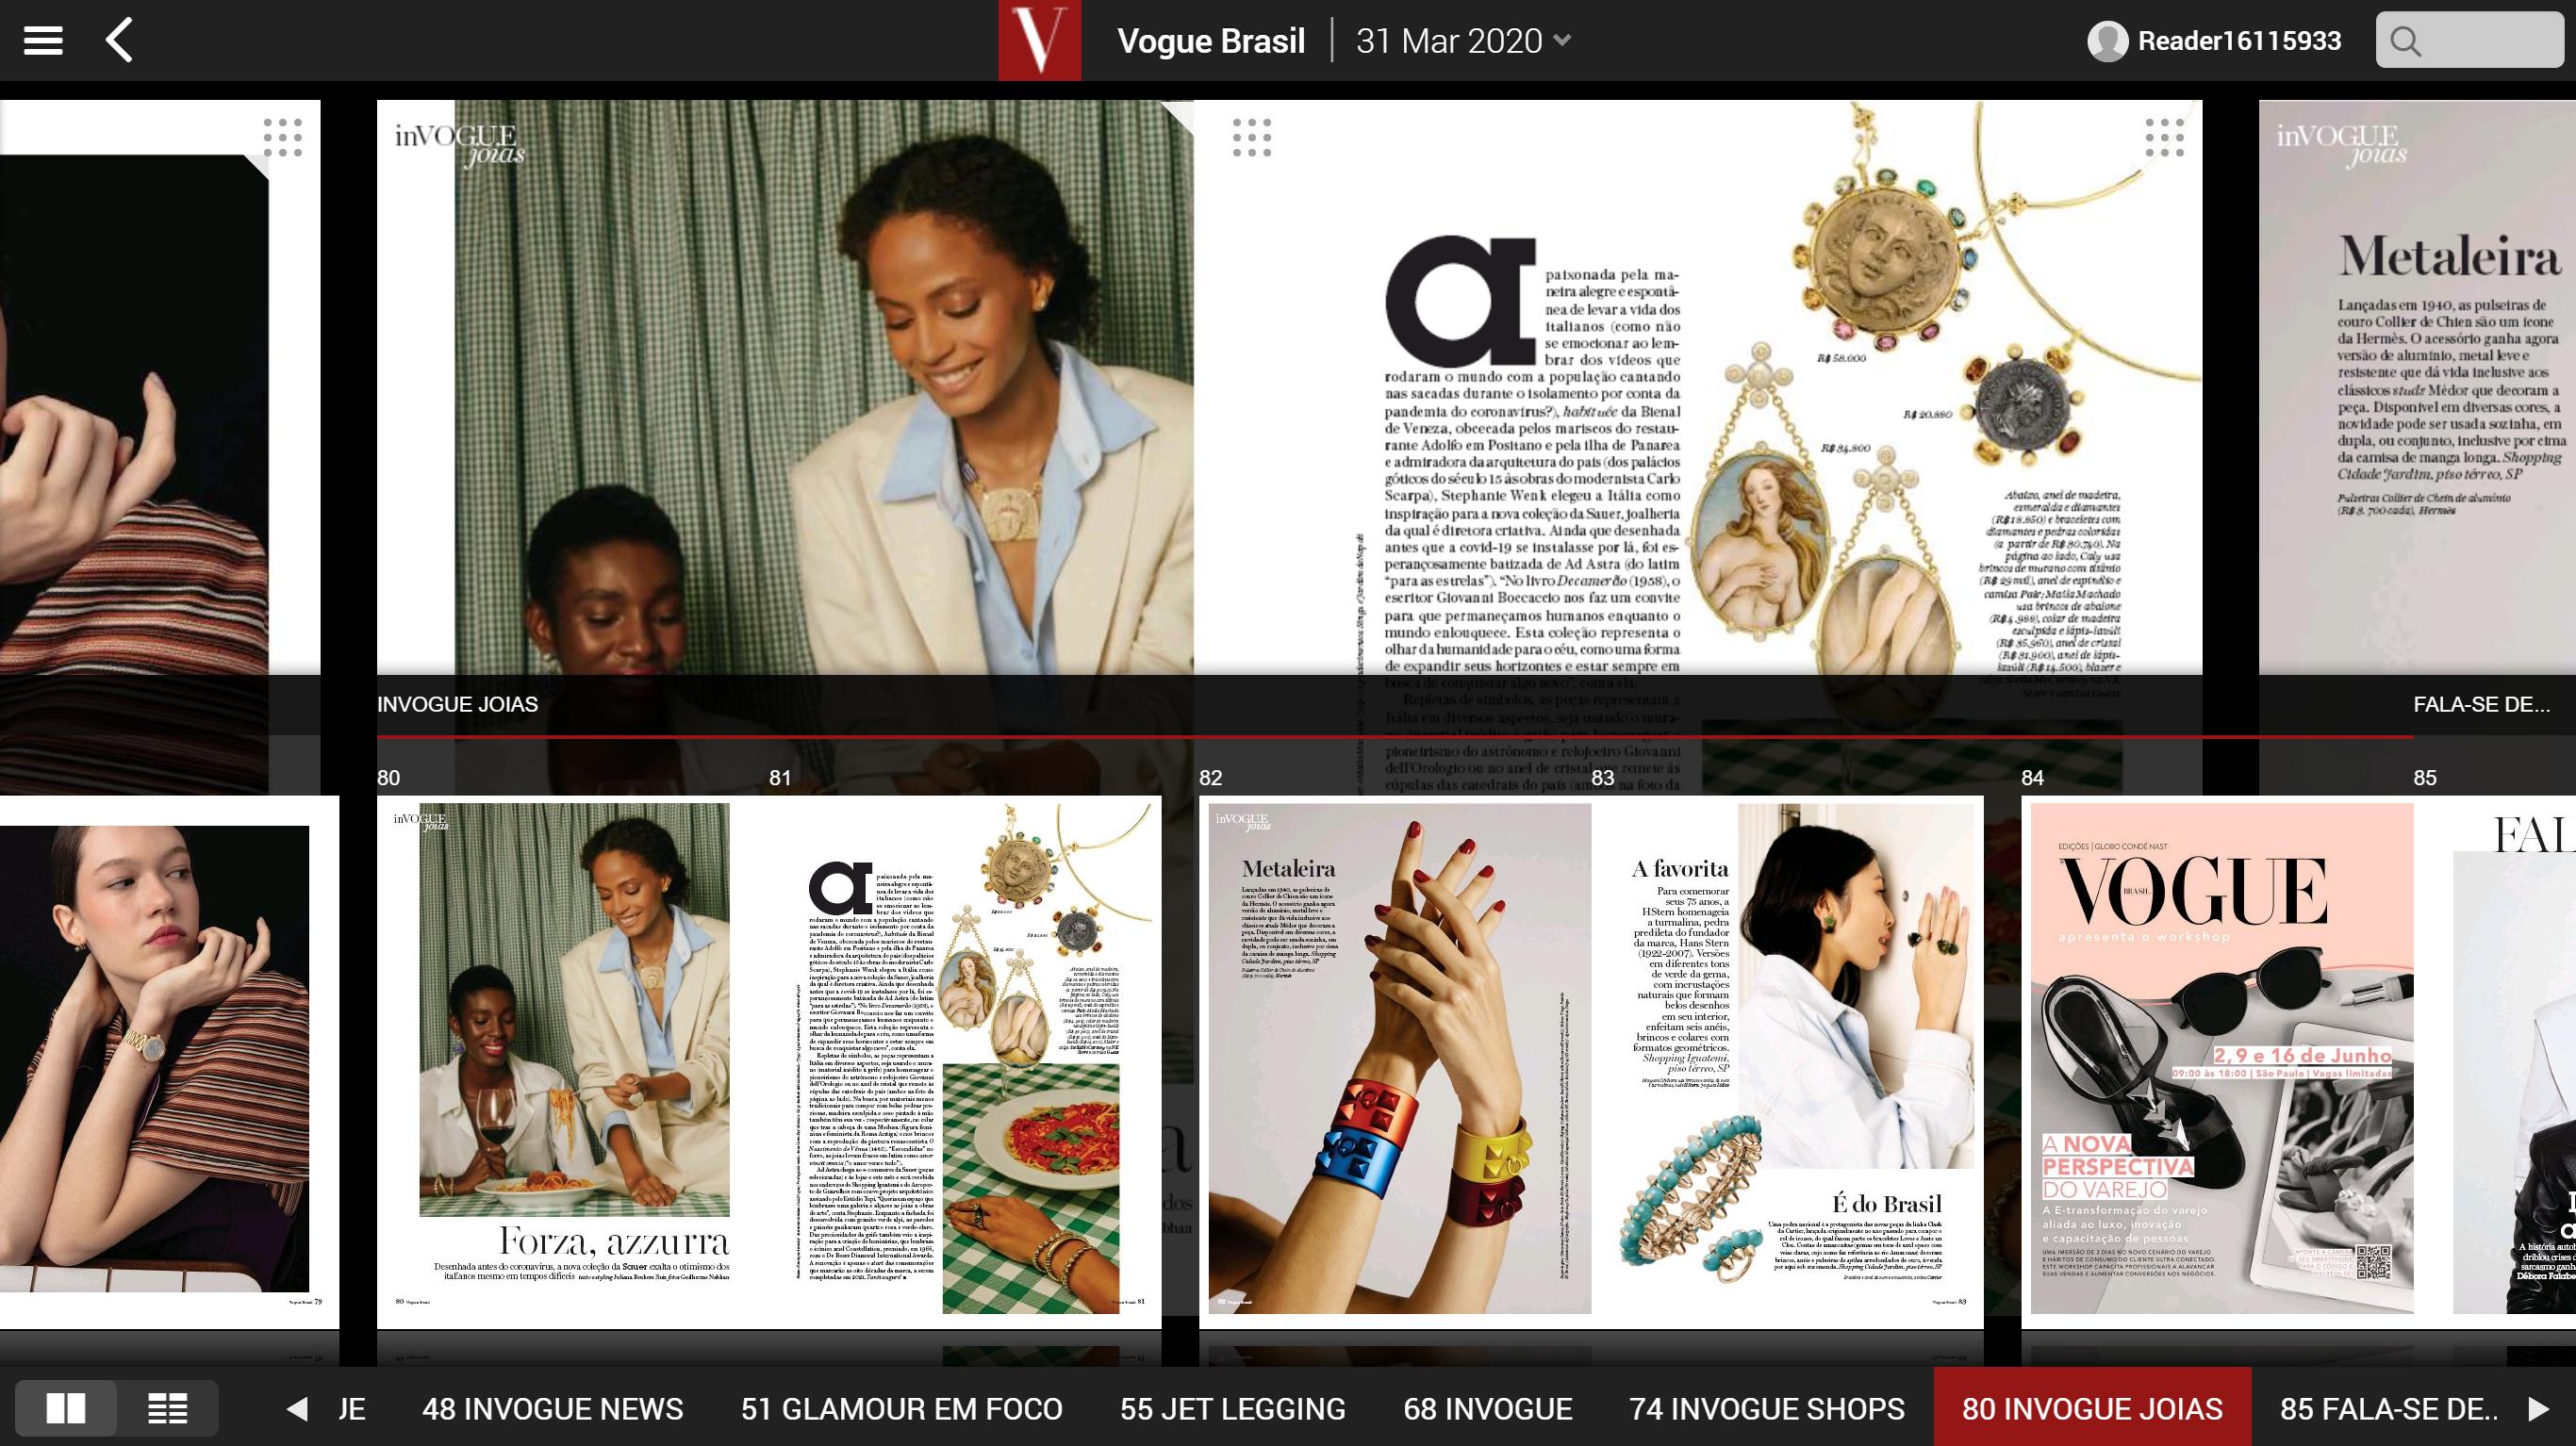 Editora Globo - Vogue - Digital Replica